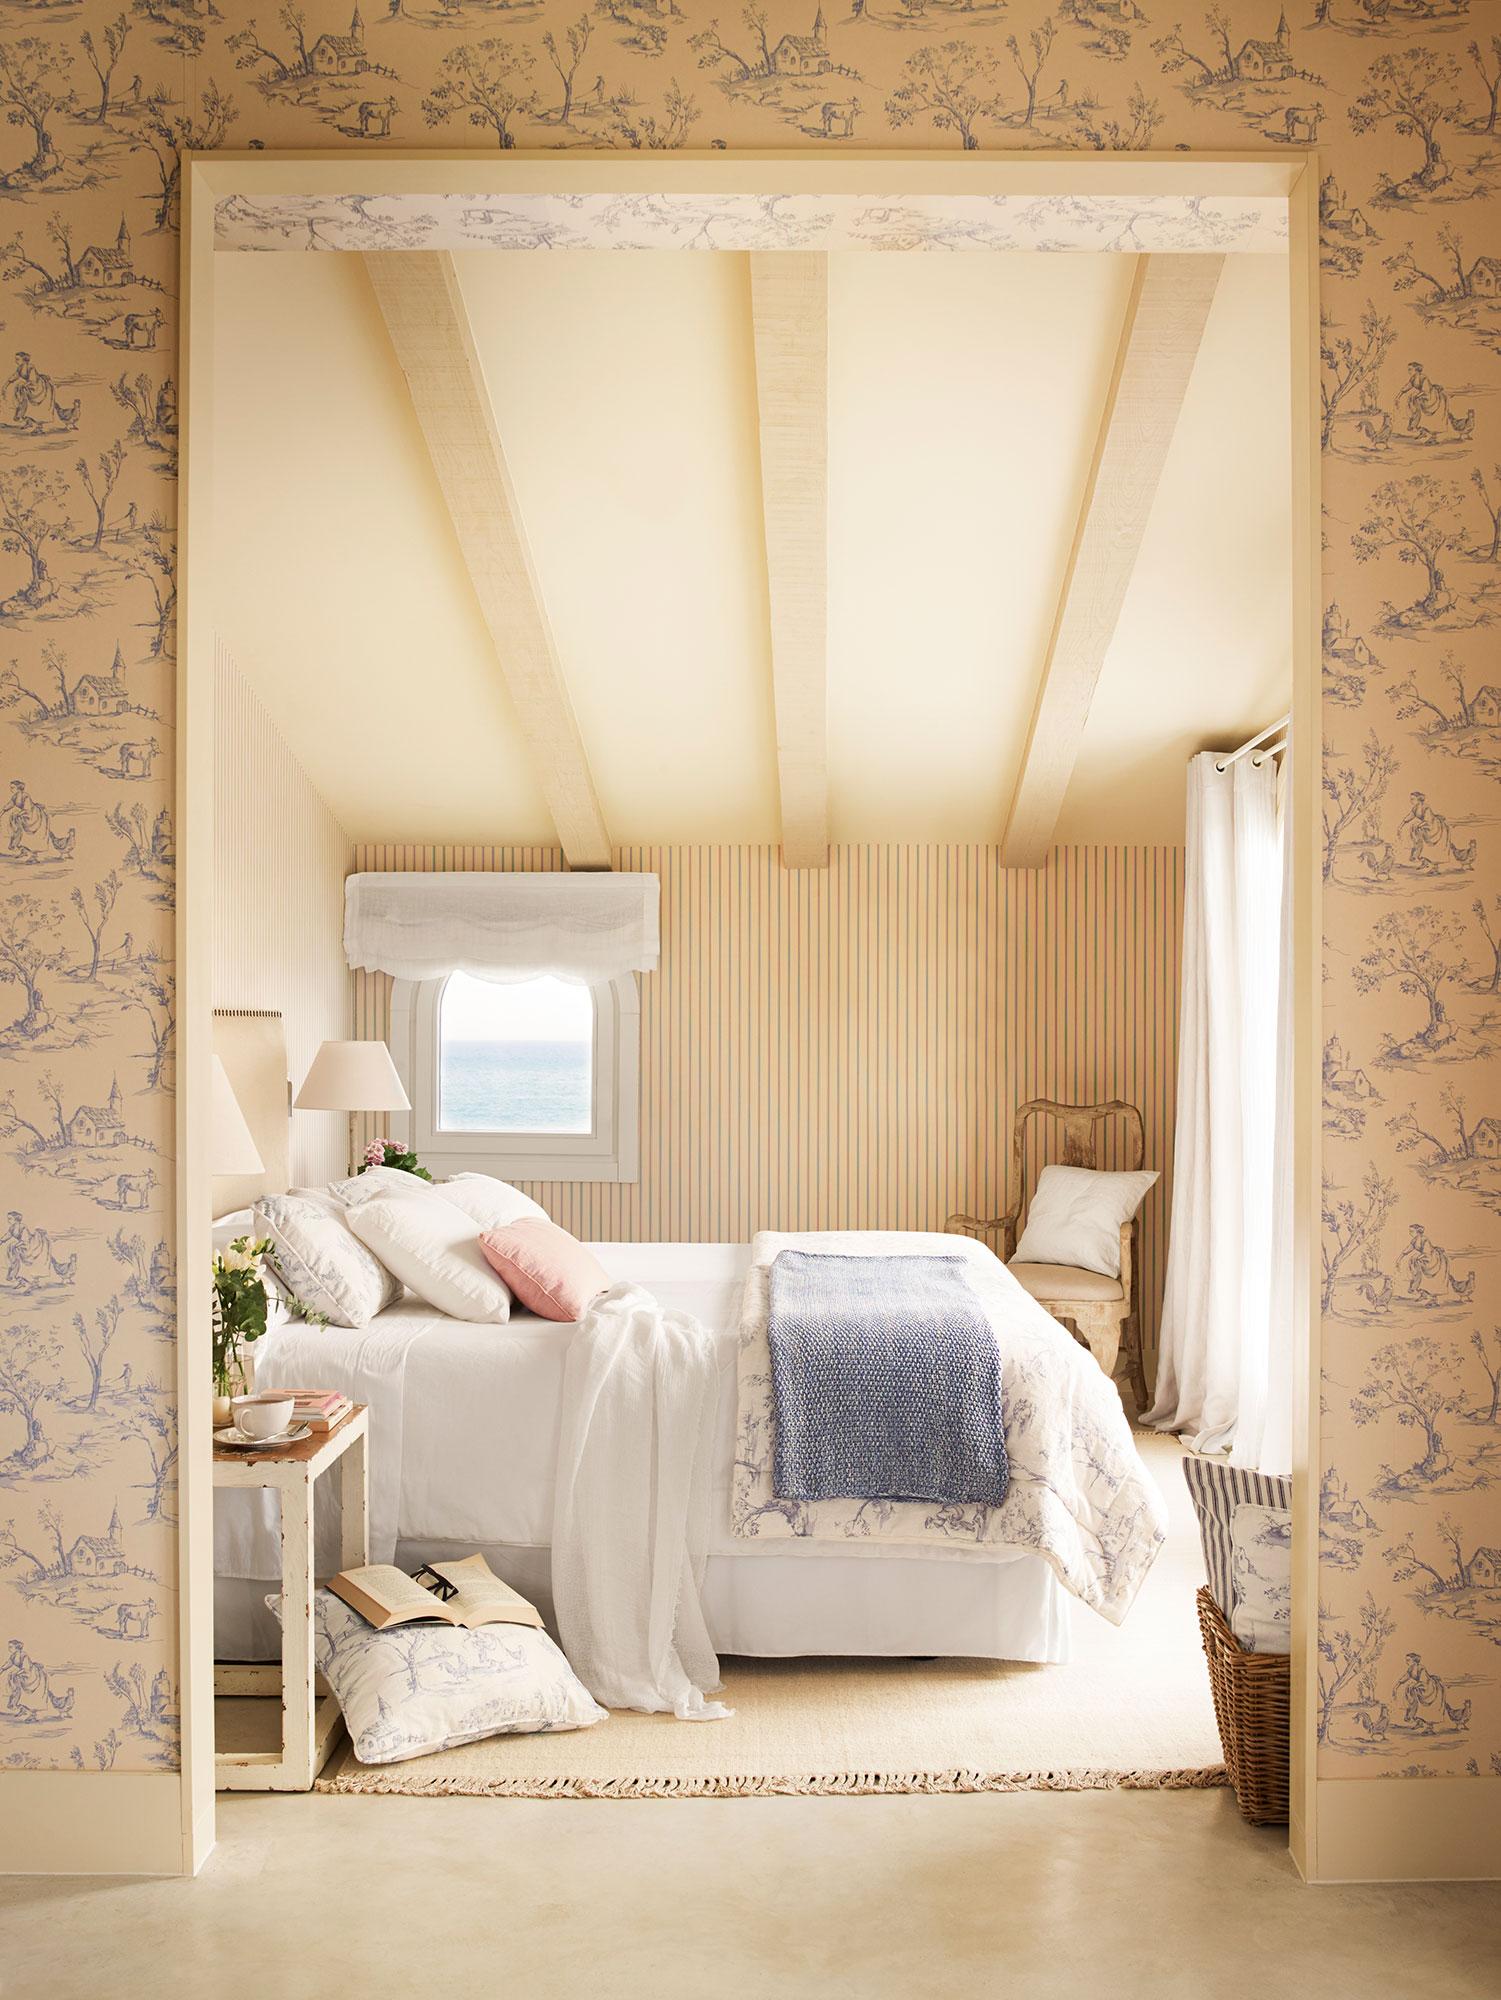 Una casa m s sana 10 soluciones a 10 errores decorativos - Papeles pintados dormitorios ...